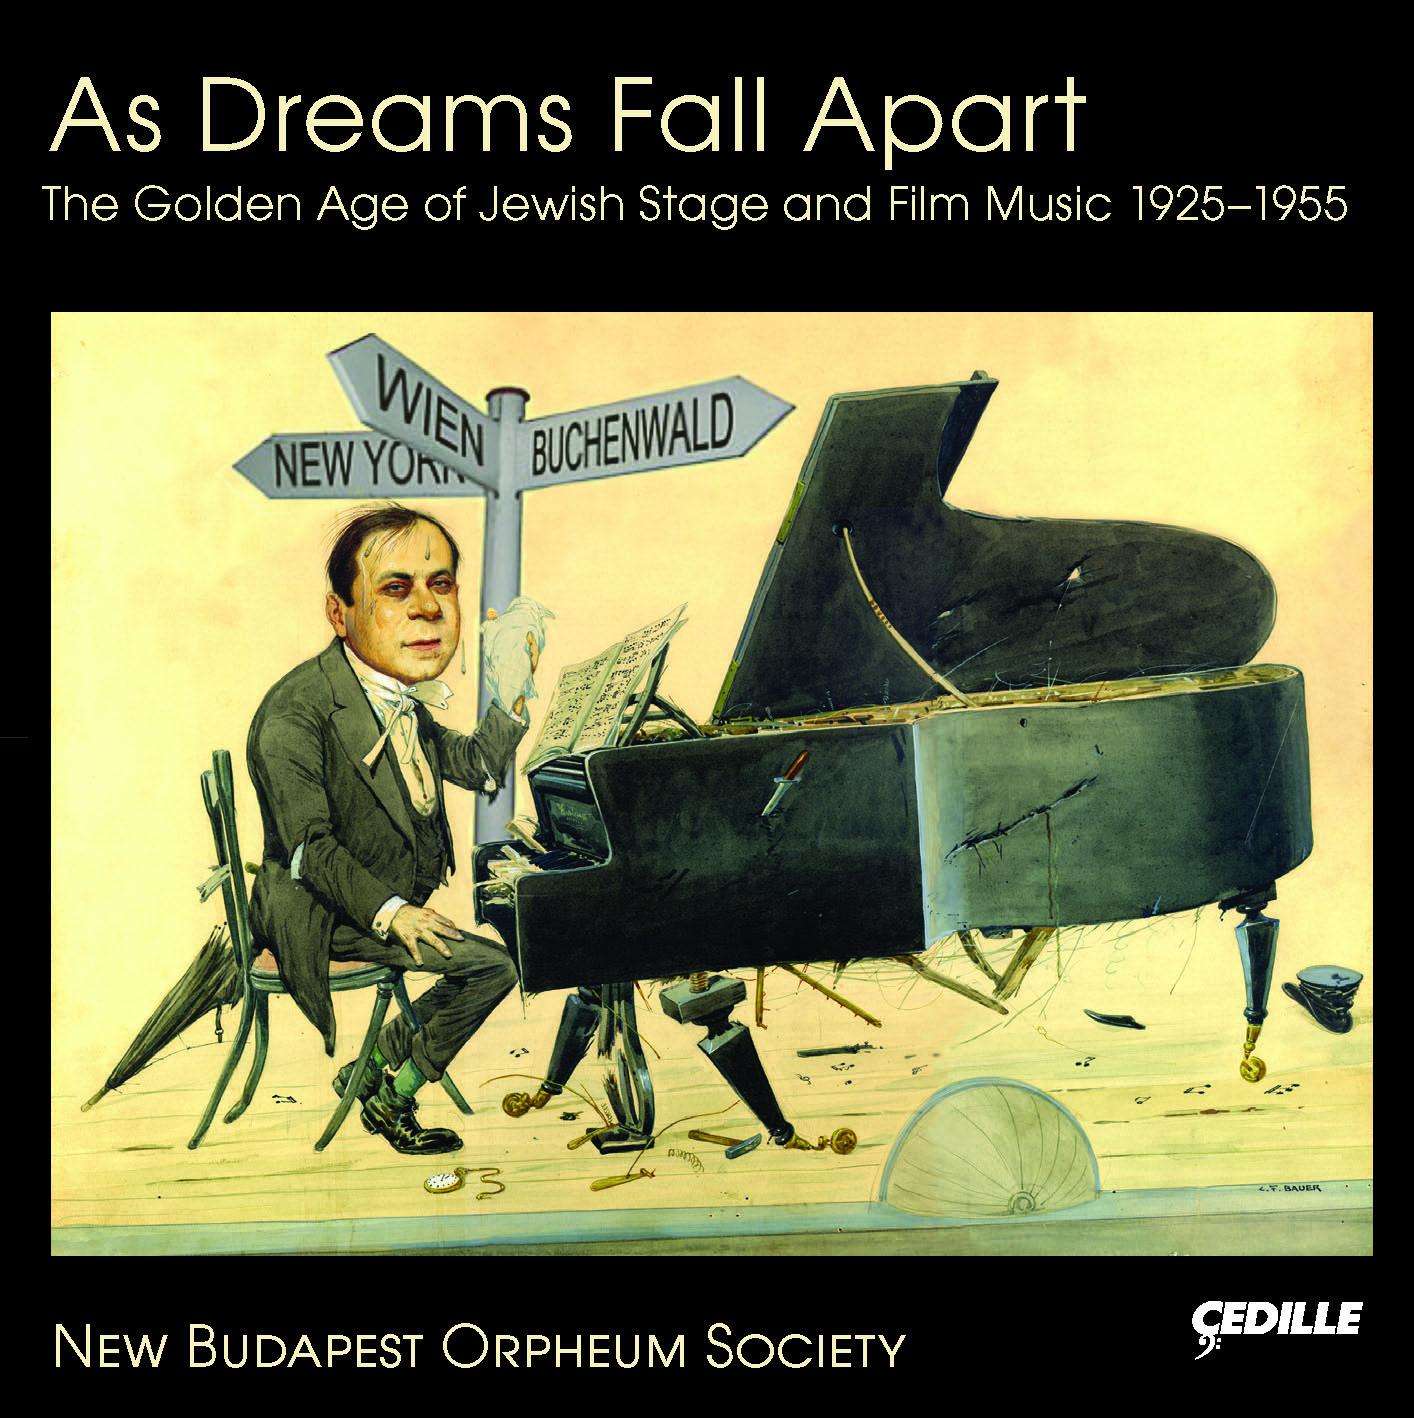 As Dreams Fall Apart